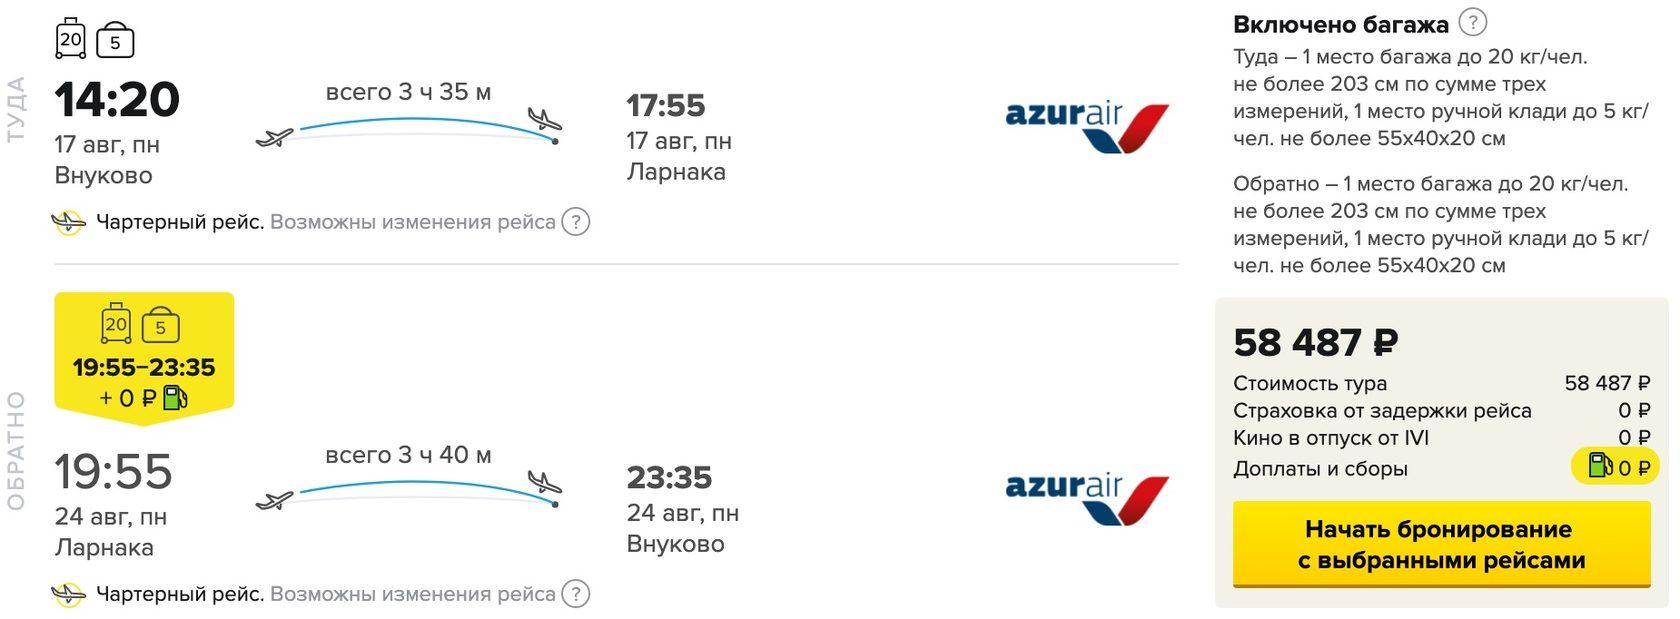 Москва - Ларнака - Москва туром